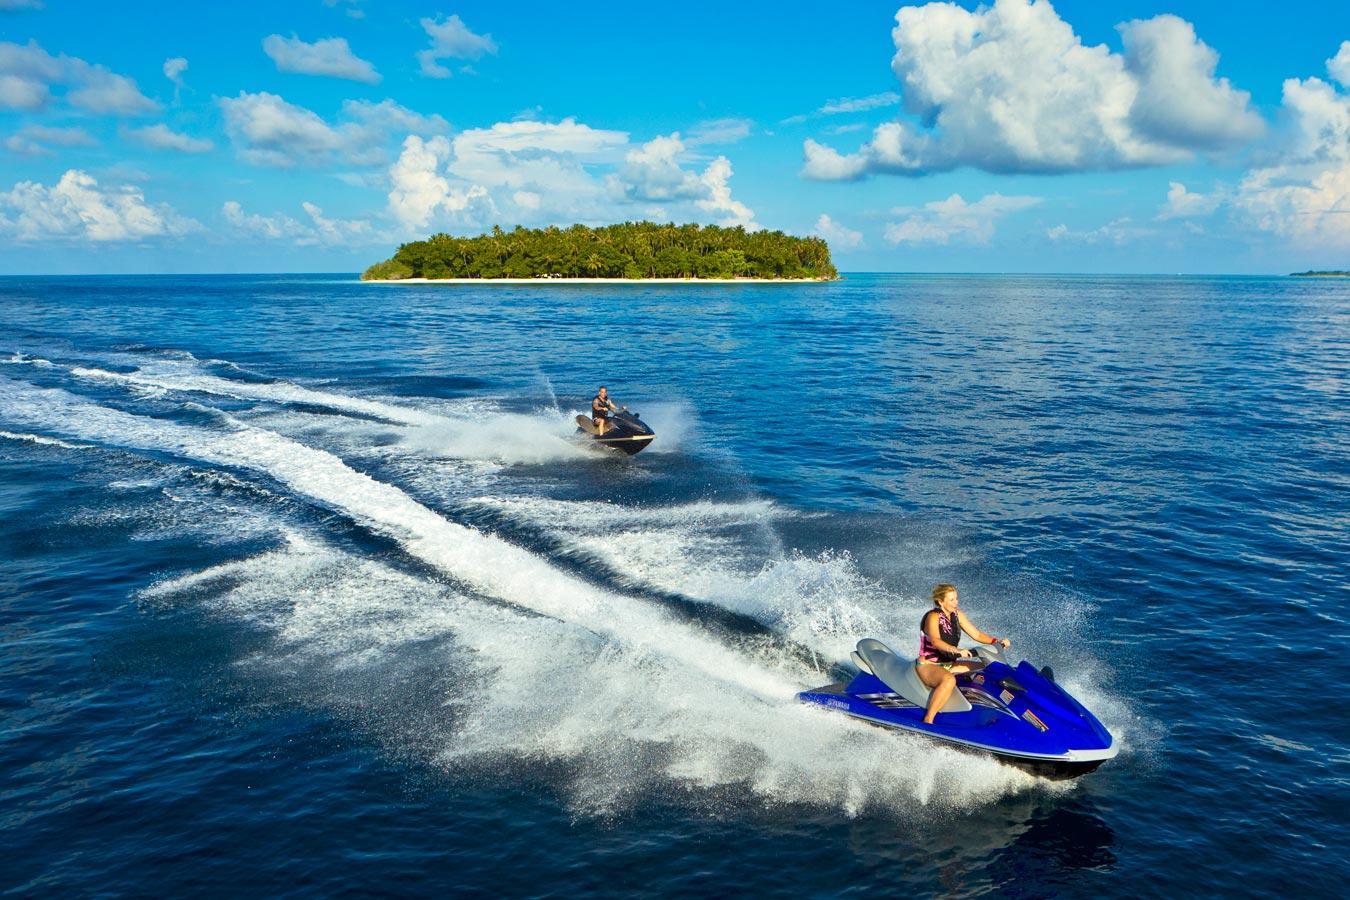 صورة  التزلج  دراجة المائية في  جزر المالديف | الرياضات المائية في كورومبا المالديف